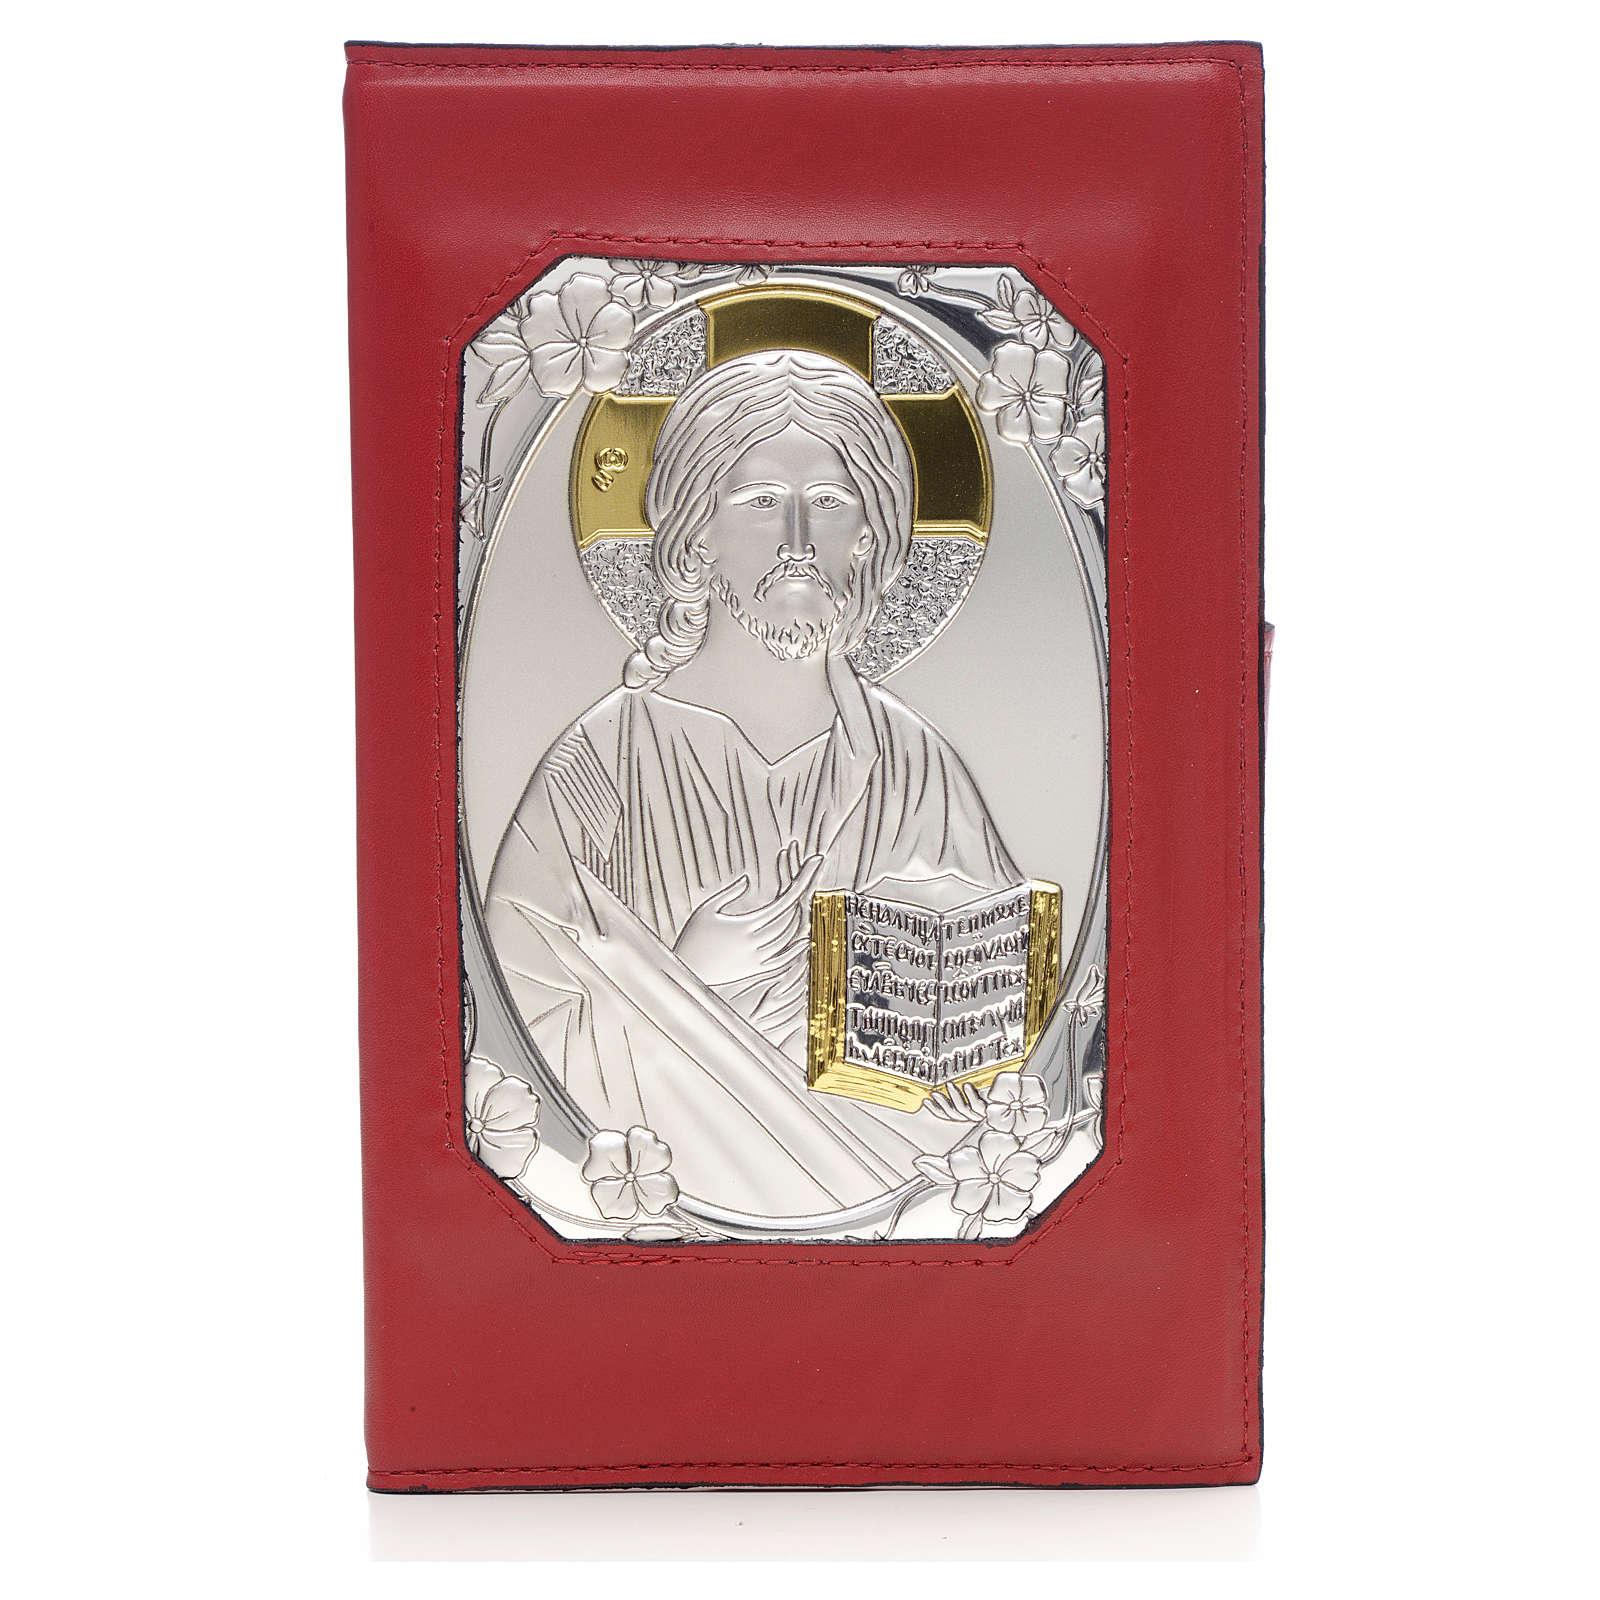 Copertina liturgia ore 4 vol. vera pelle placca Gesù 4